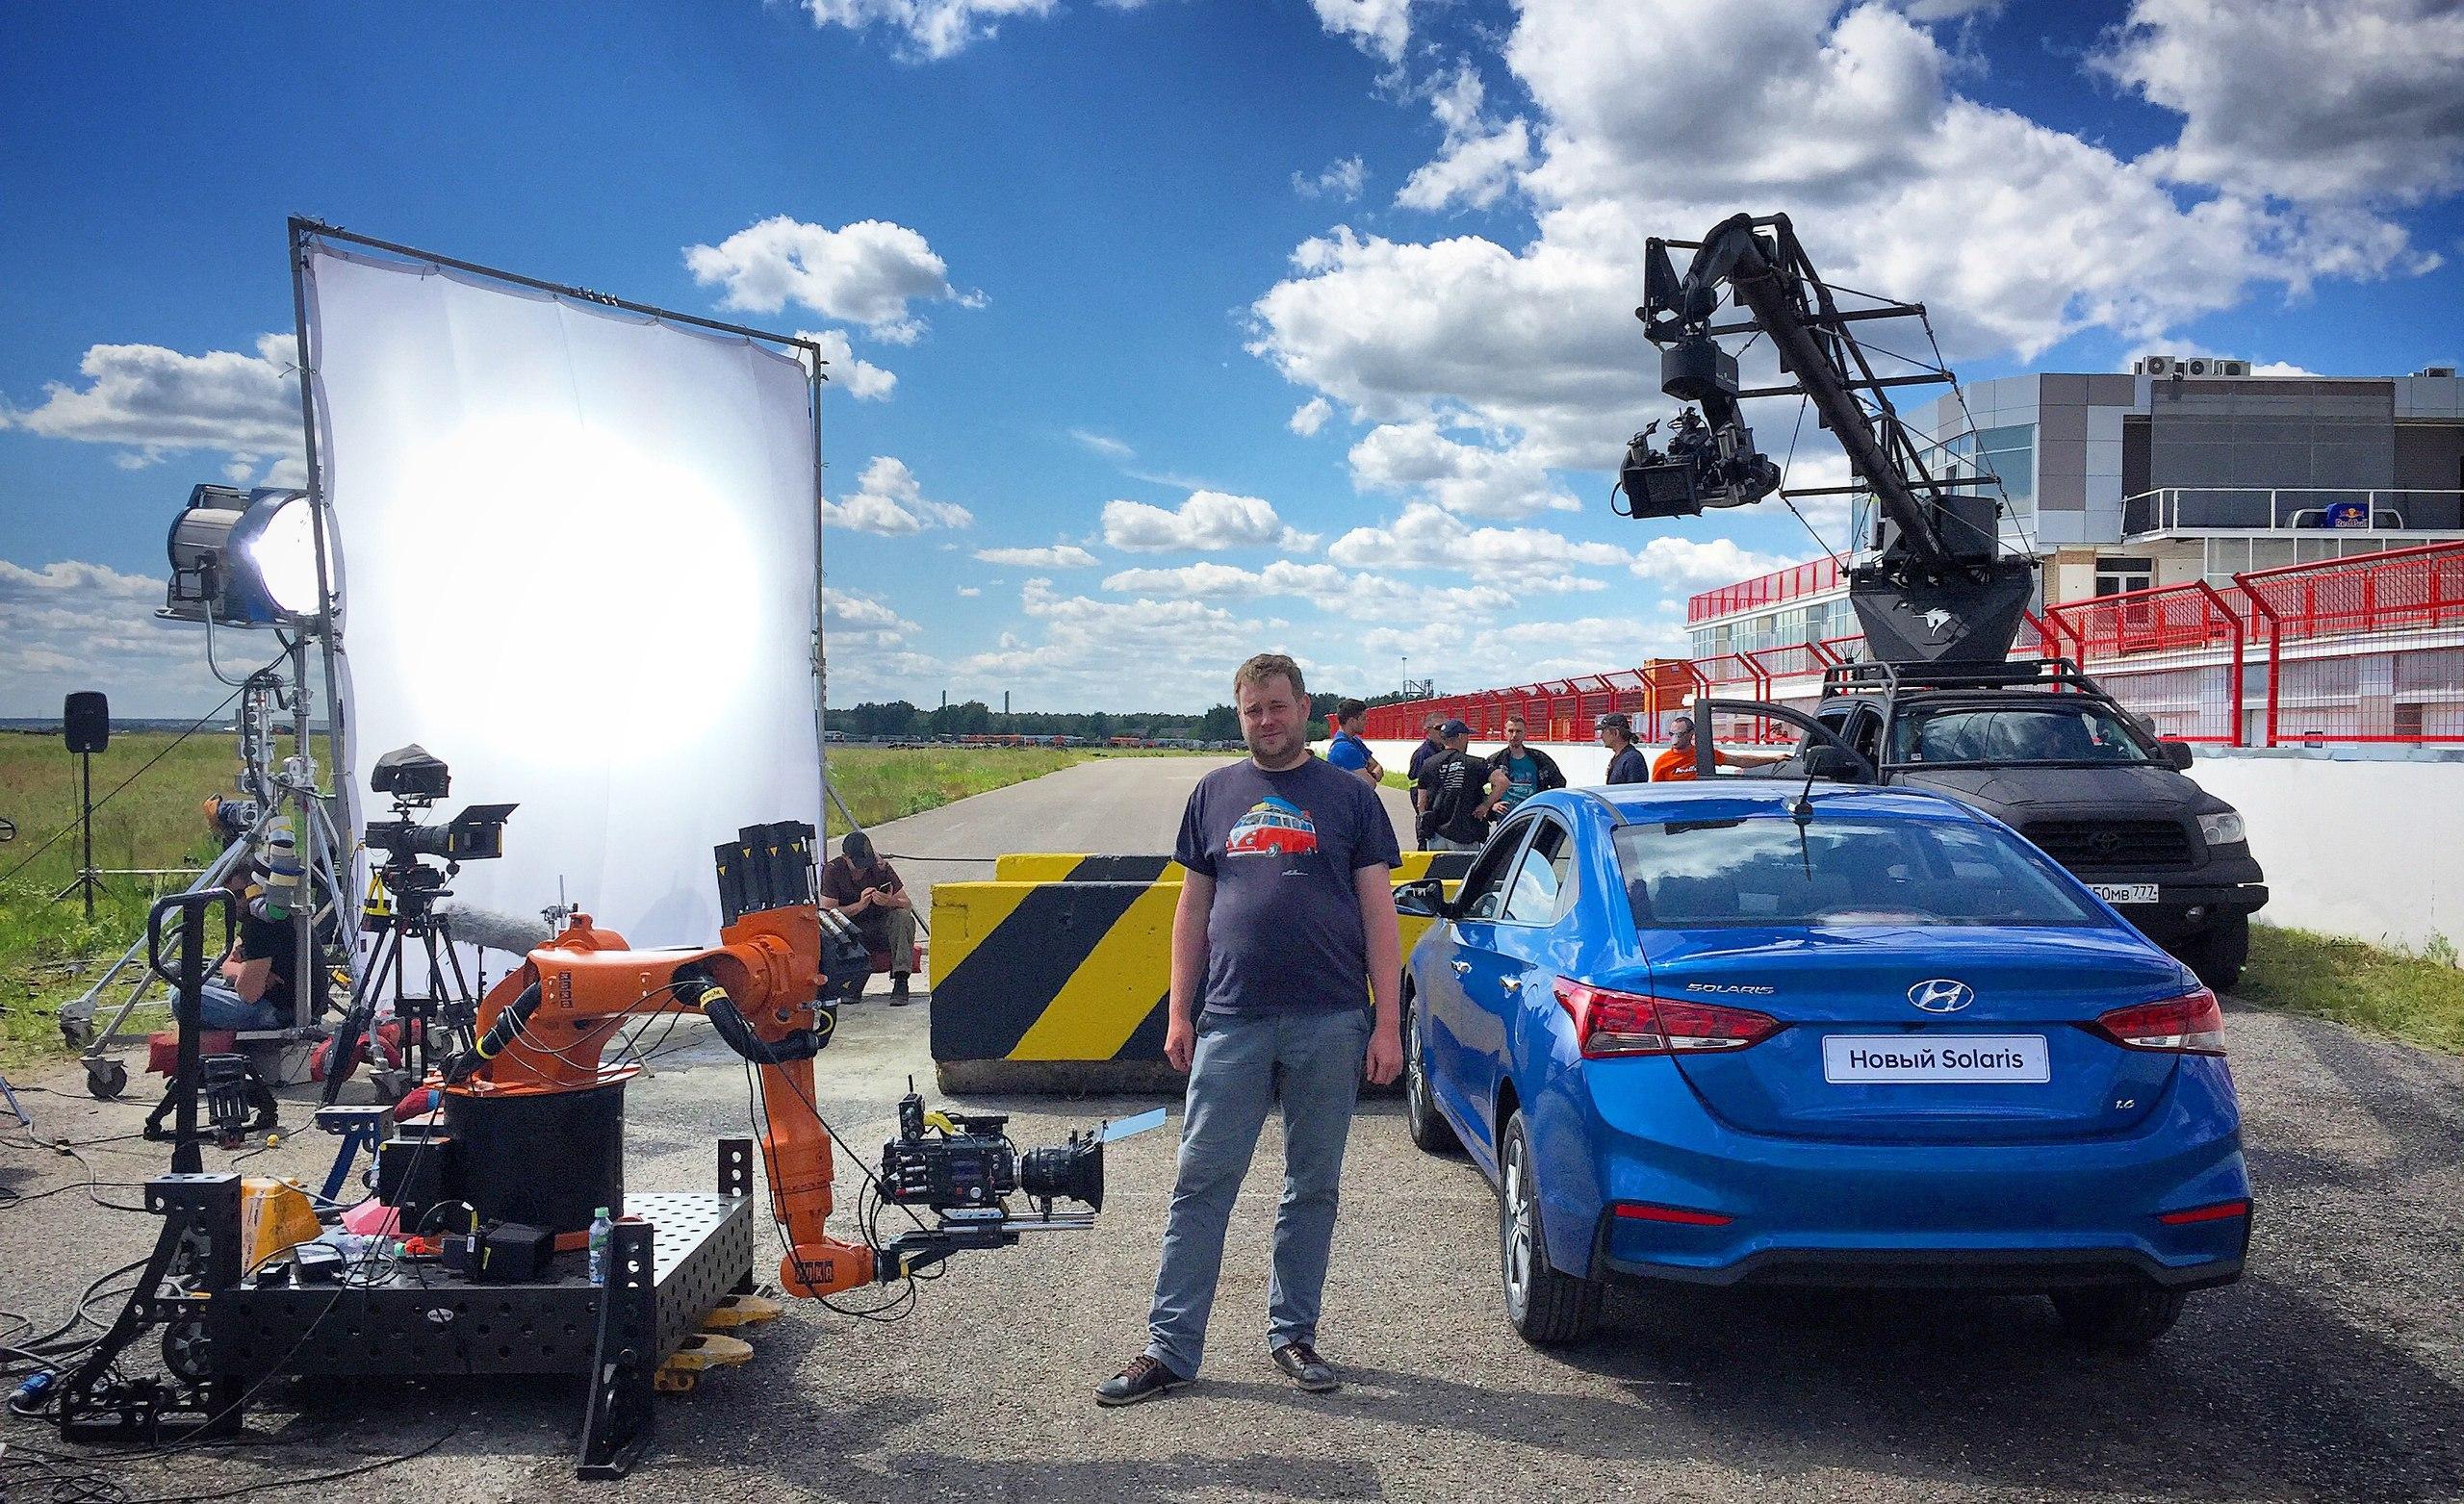 Краш-тест Hyundai Solaris с участием человека Motion Control системы и трёх камер Phantom.